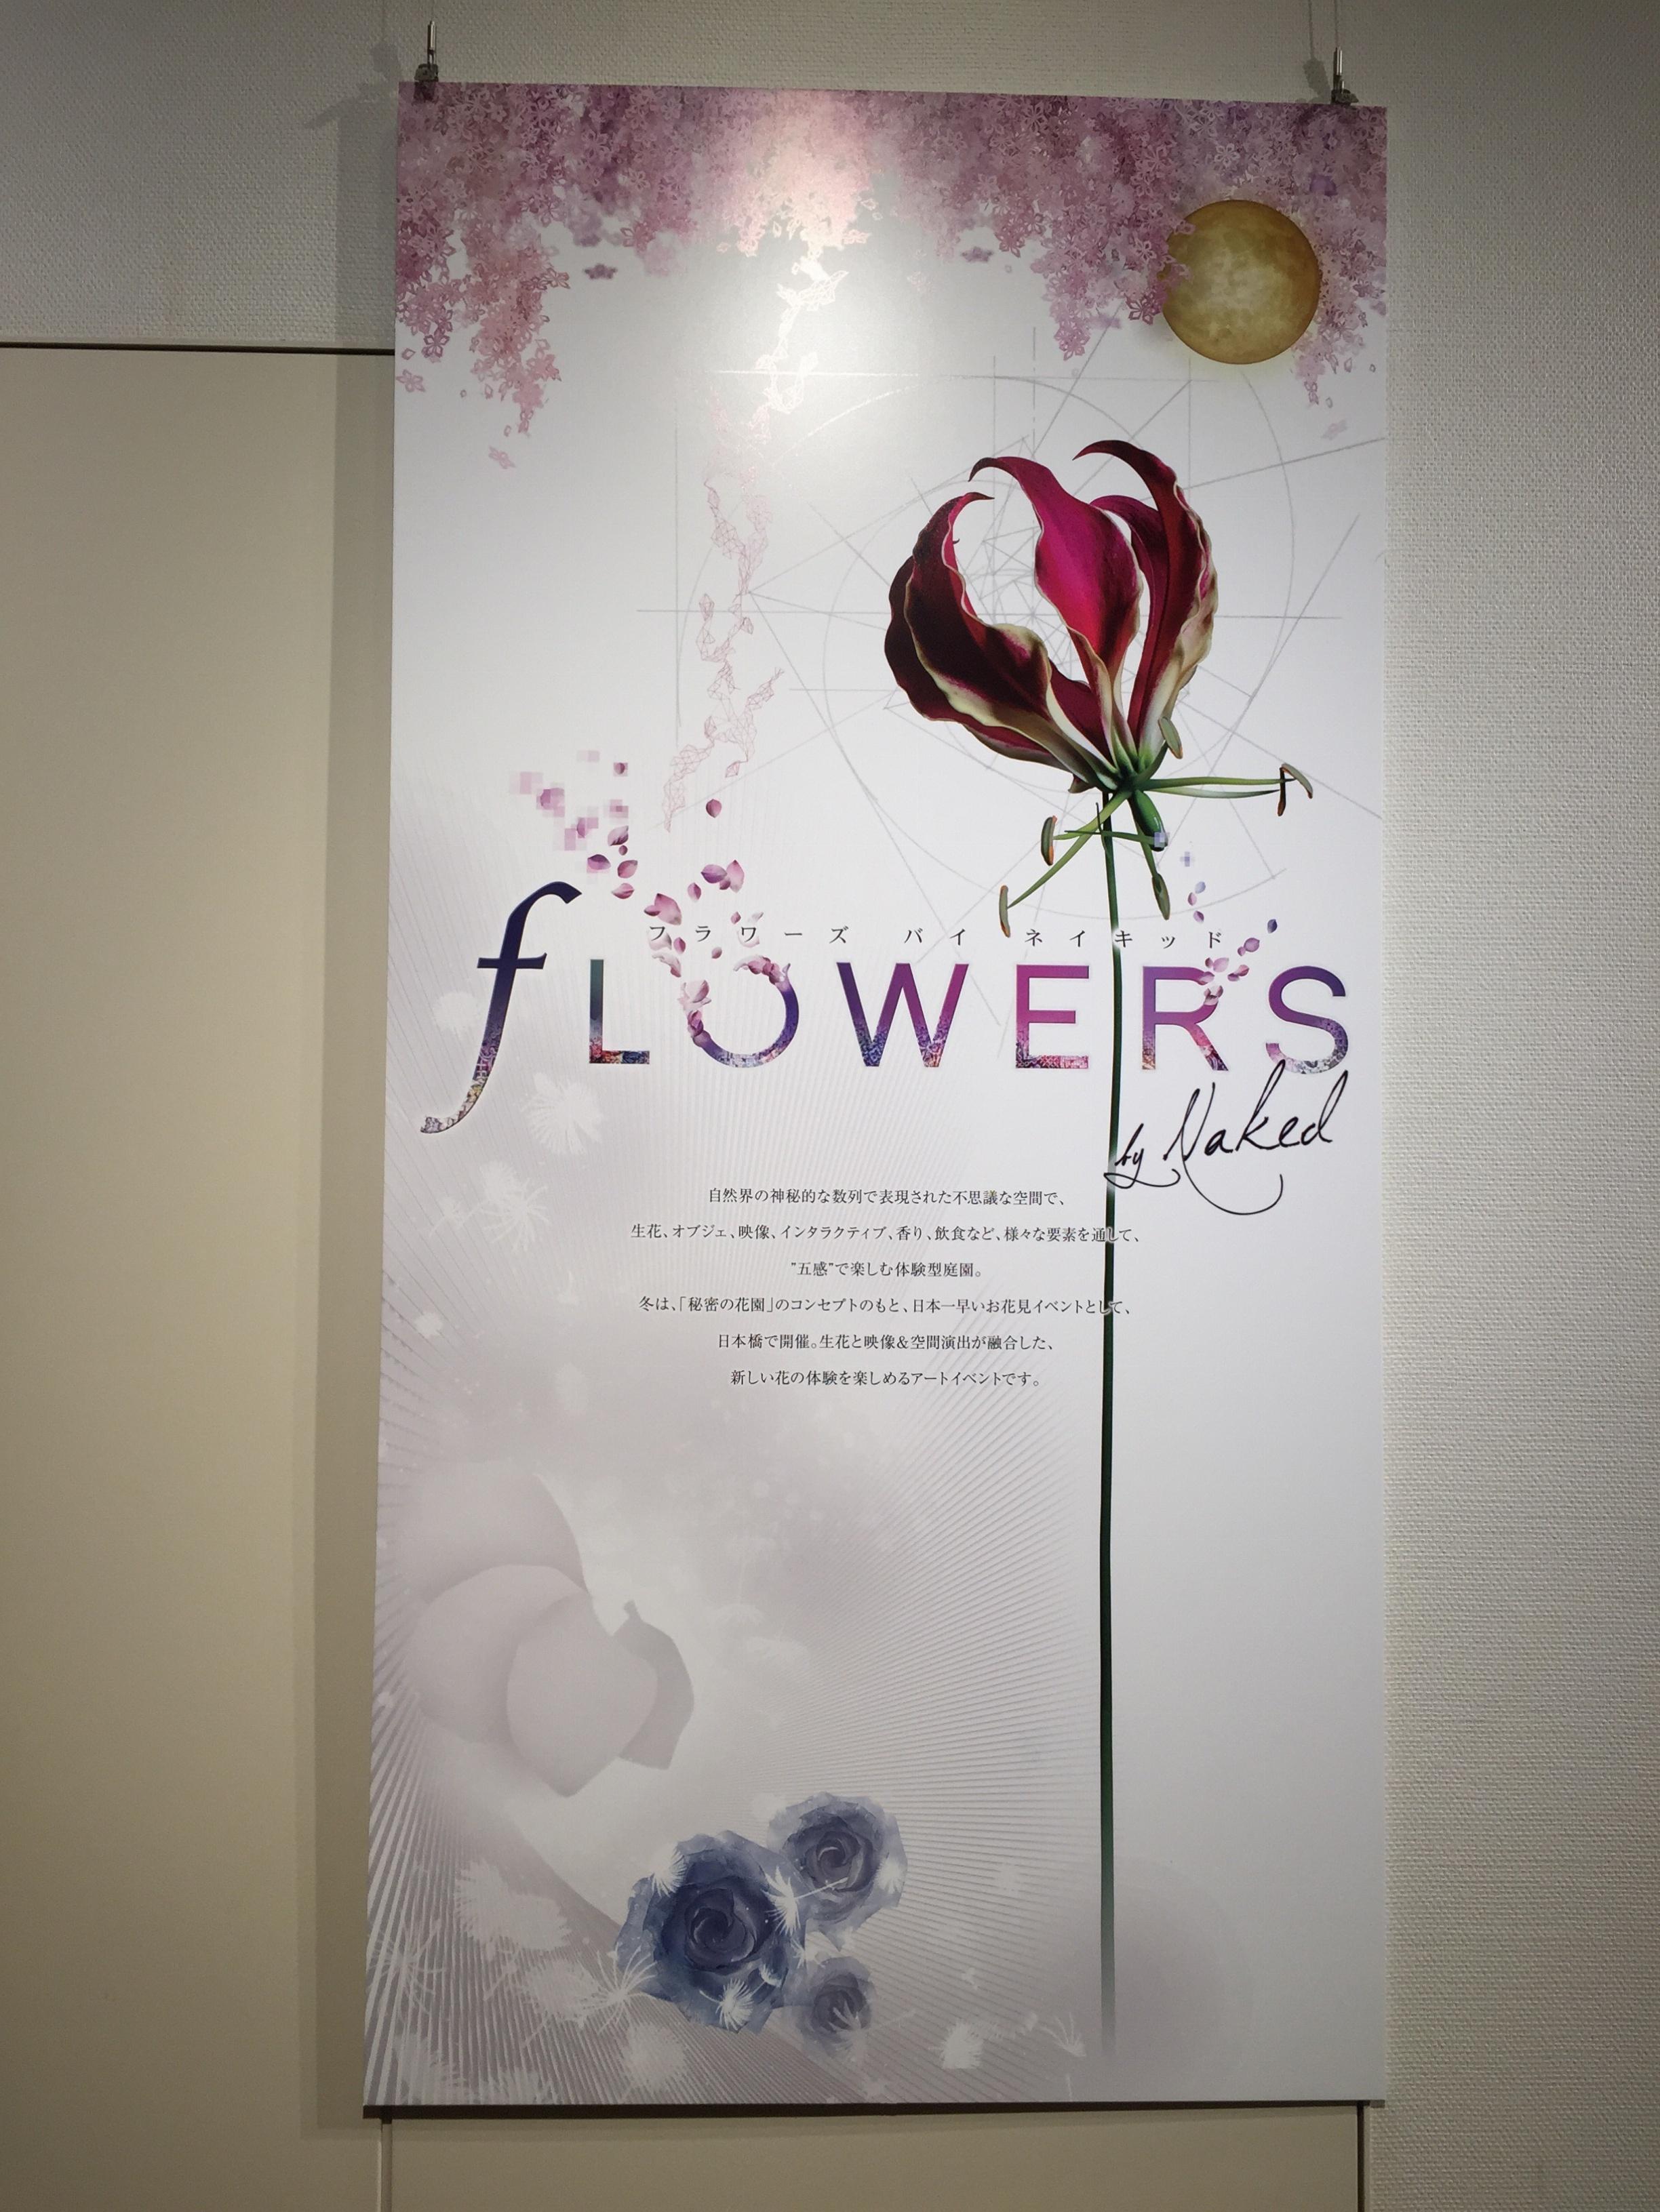 【8/31まで】五感で楽しむ花の楽園《*FLOWERS BY NAKED*》に行ってきました♪♪他にもNAKEDに出会える場所を紹介☆_19